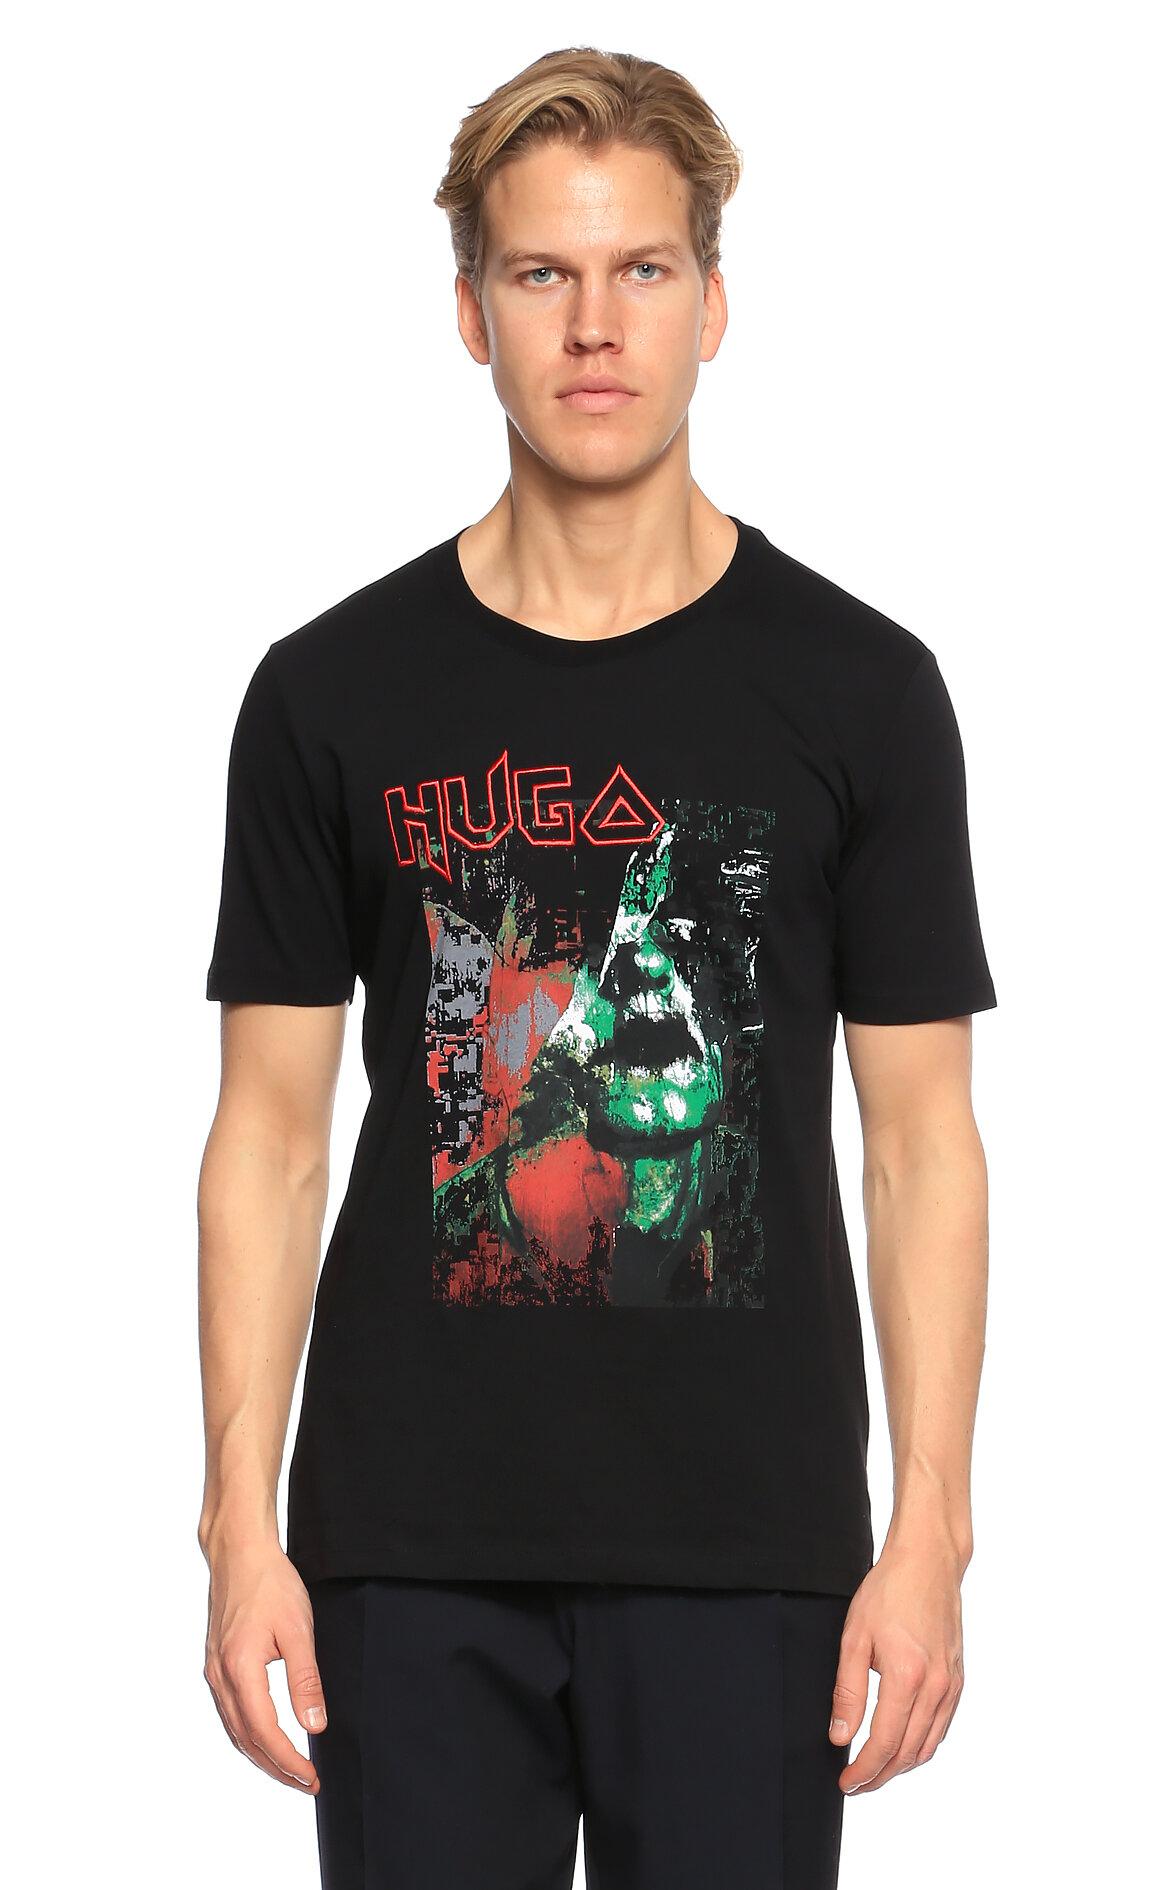 Hugo Boss Hugo Baskı Desen Siyah T-Shirt